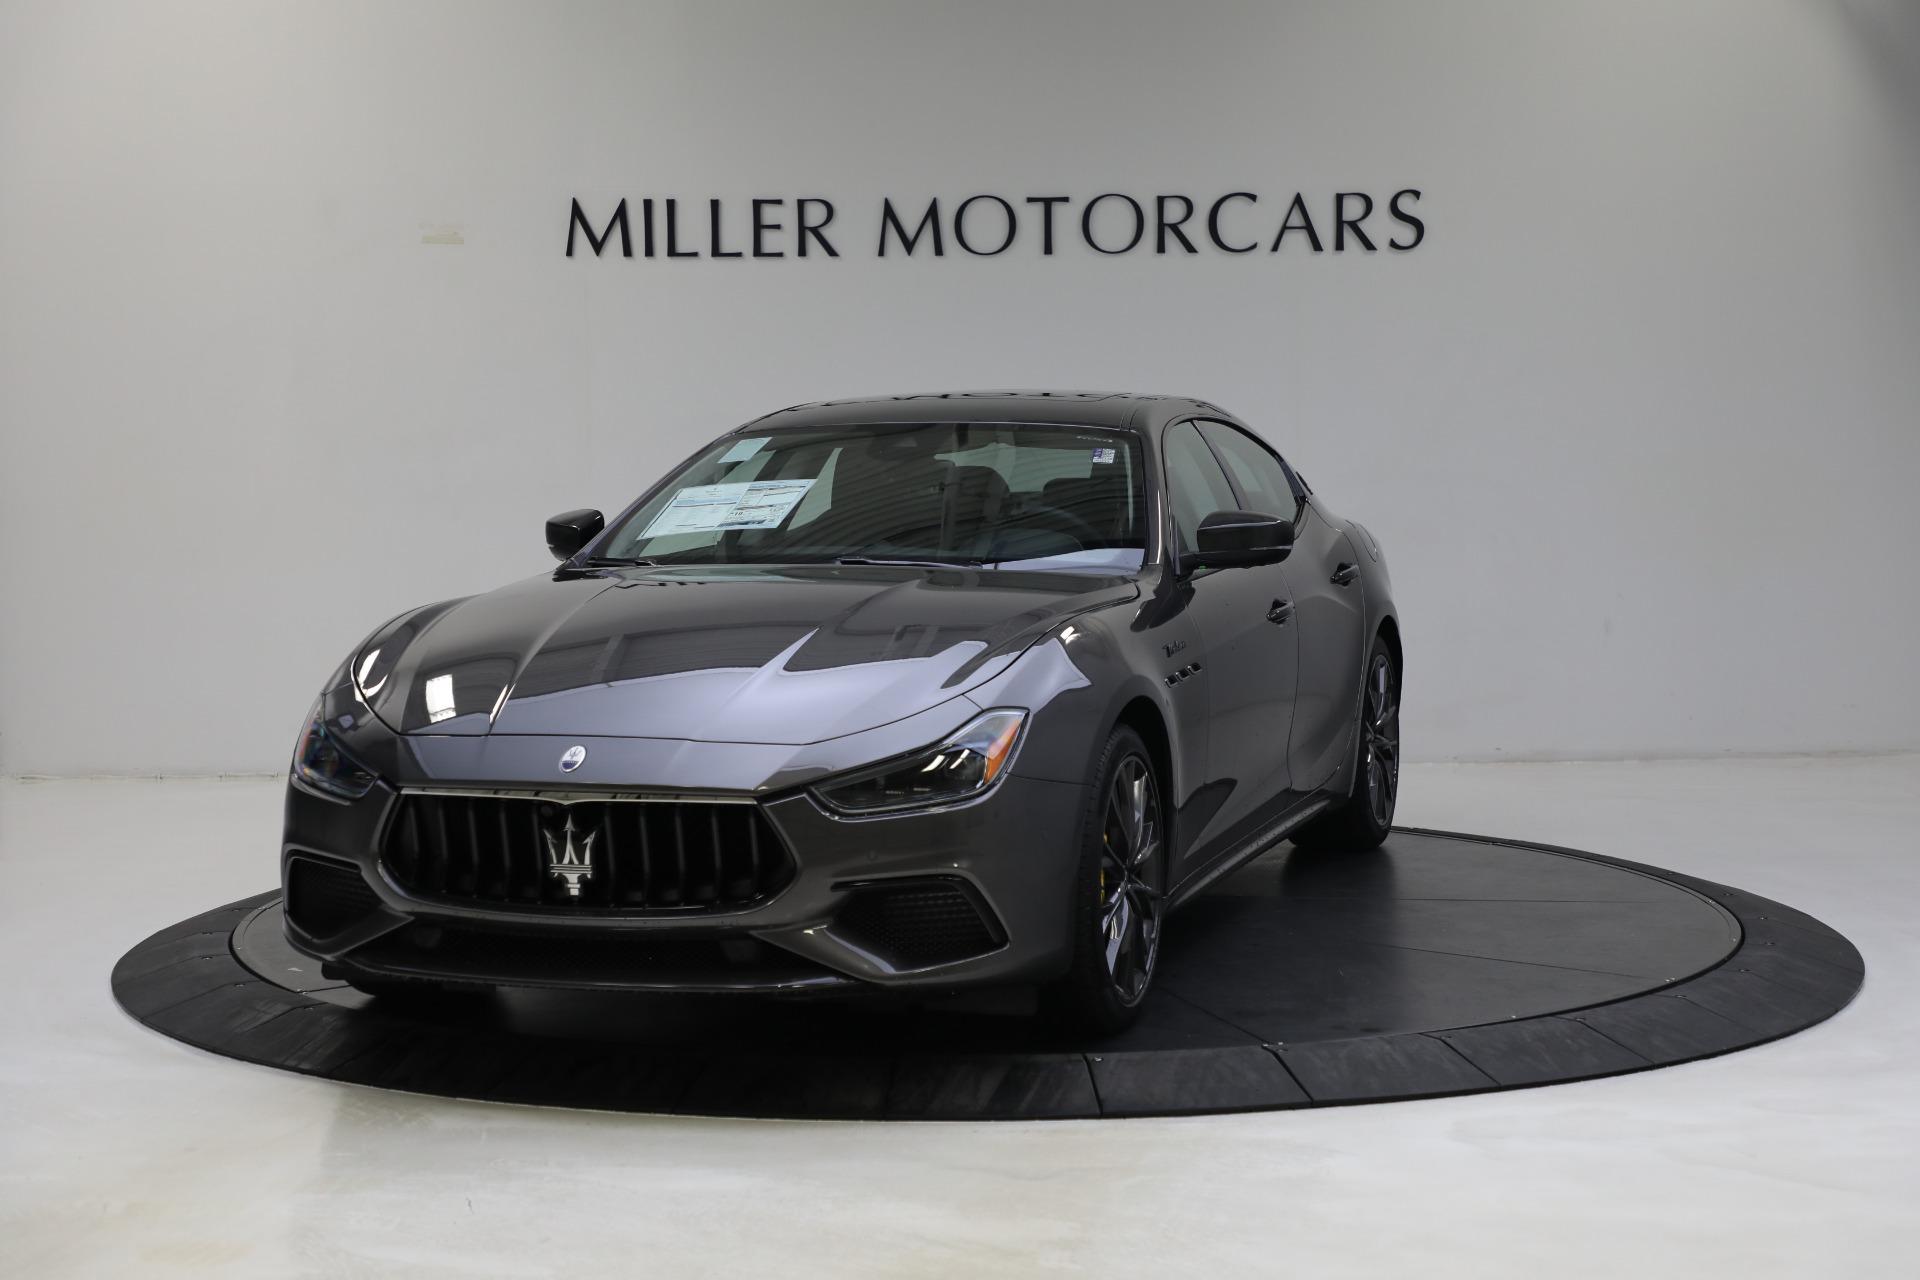 New 2022 Maserati Ghibli Modena Q4 for sale $103,855 at Alfa Romeo of Westport in Westport CT 06880 1